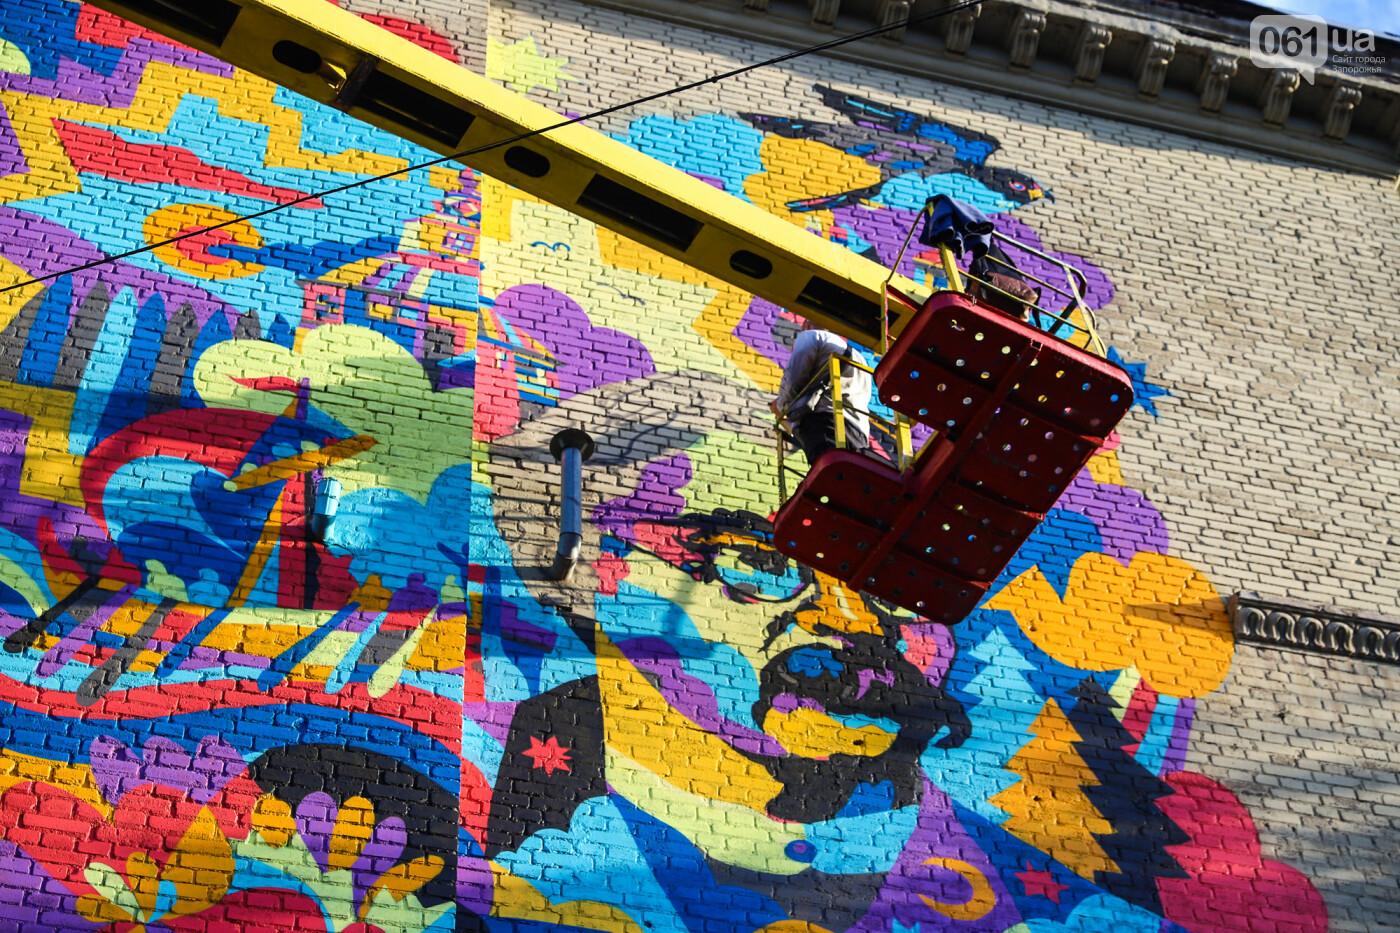 Художник из Нью-Йорка нарисовал мурал к 250-летию Запорожья - ФОТОРЕПОРТАЖ , фото-25